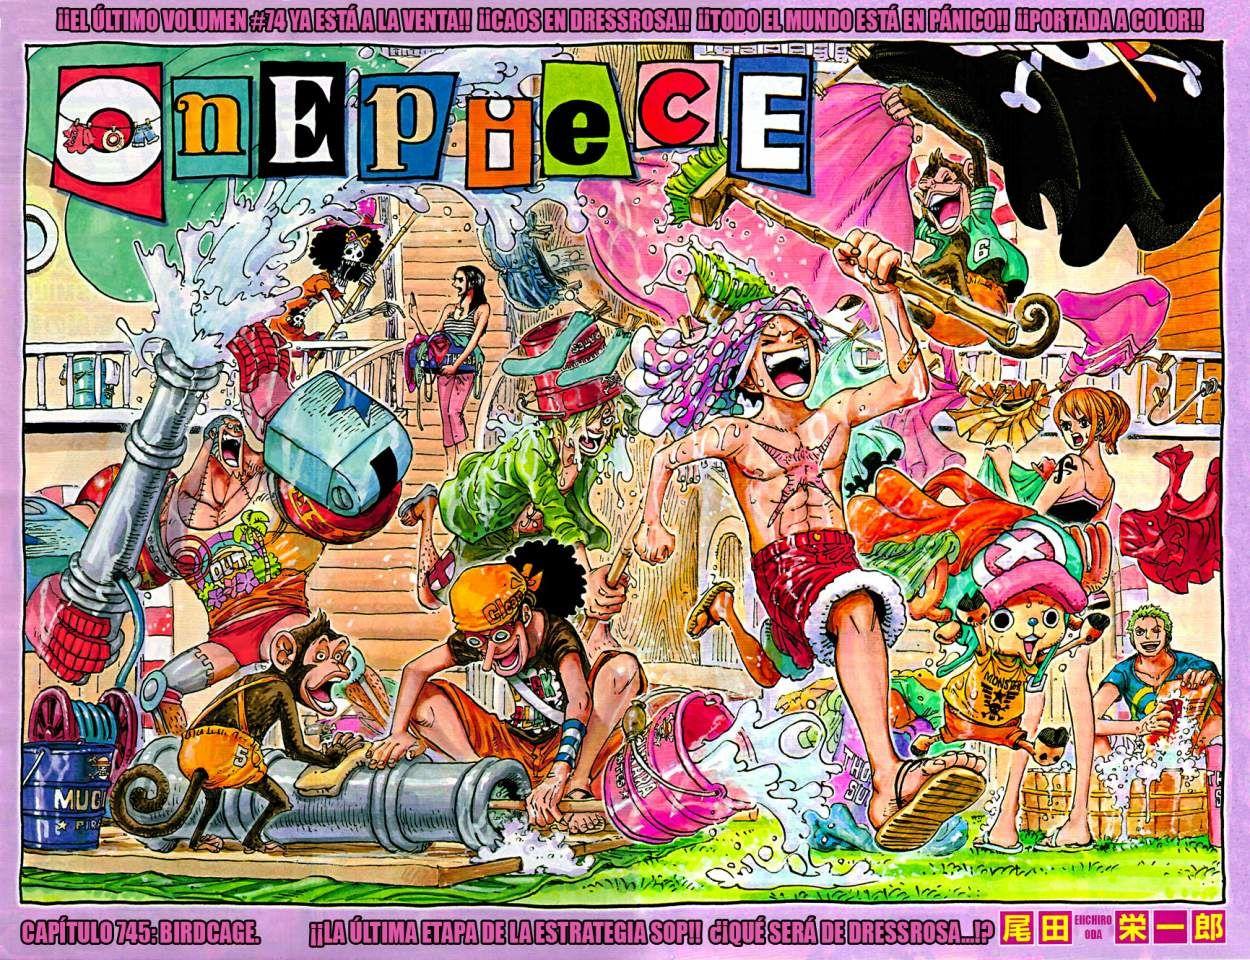 http://c5.ninemanga.com/es_manga/50/114/310159/f9572bbe639b54022e0156b7c3944ede.jpg Page 2